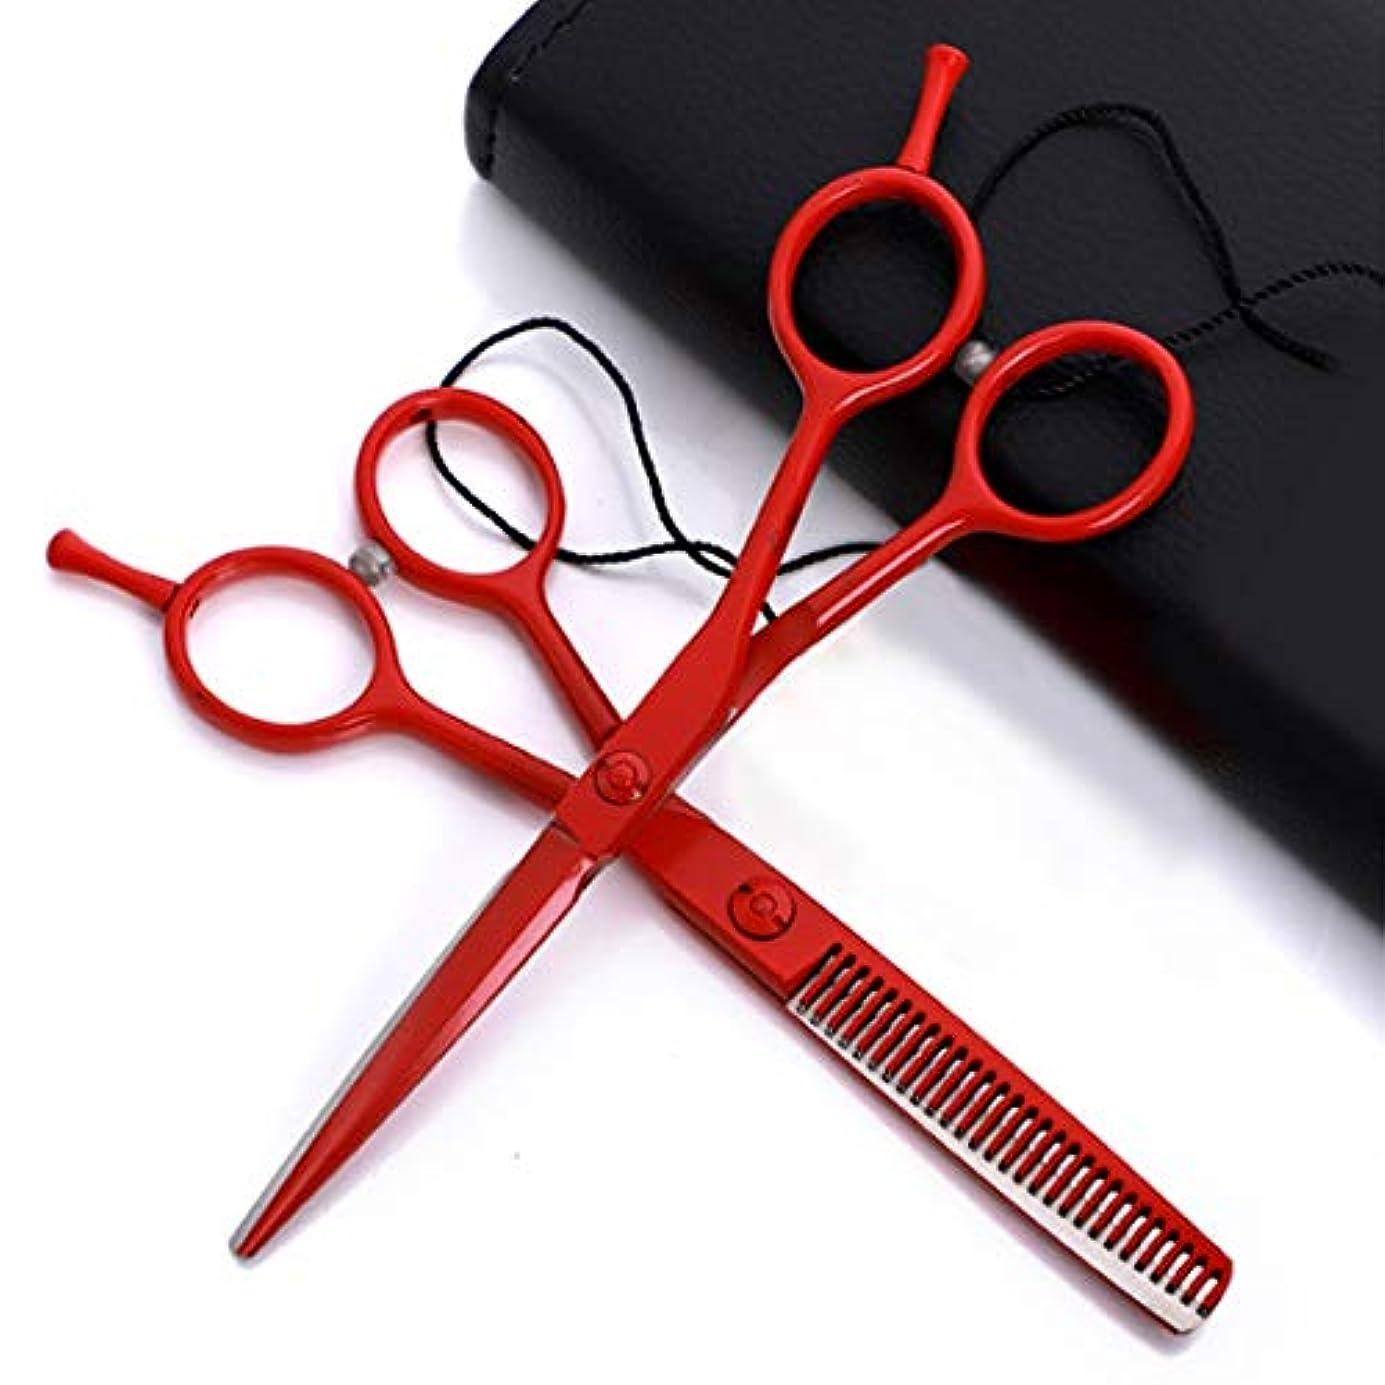 キャプチャーなにの間で色塗装理髪用ハサミ5.5インチ - はさみ髪プロのはさみキットフラットはさみ/歯はさみ ヘアケア (色 : Red flat+tooth suit)